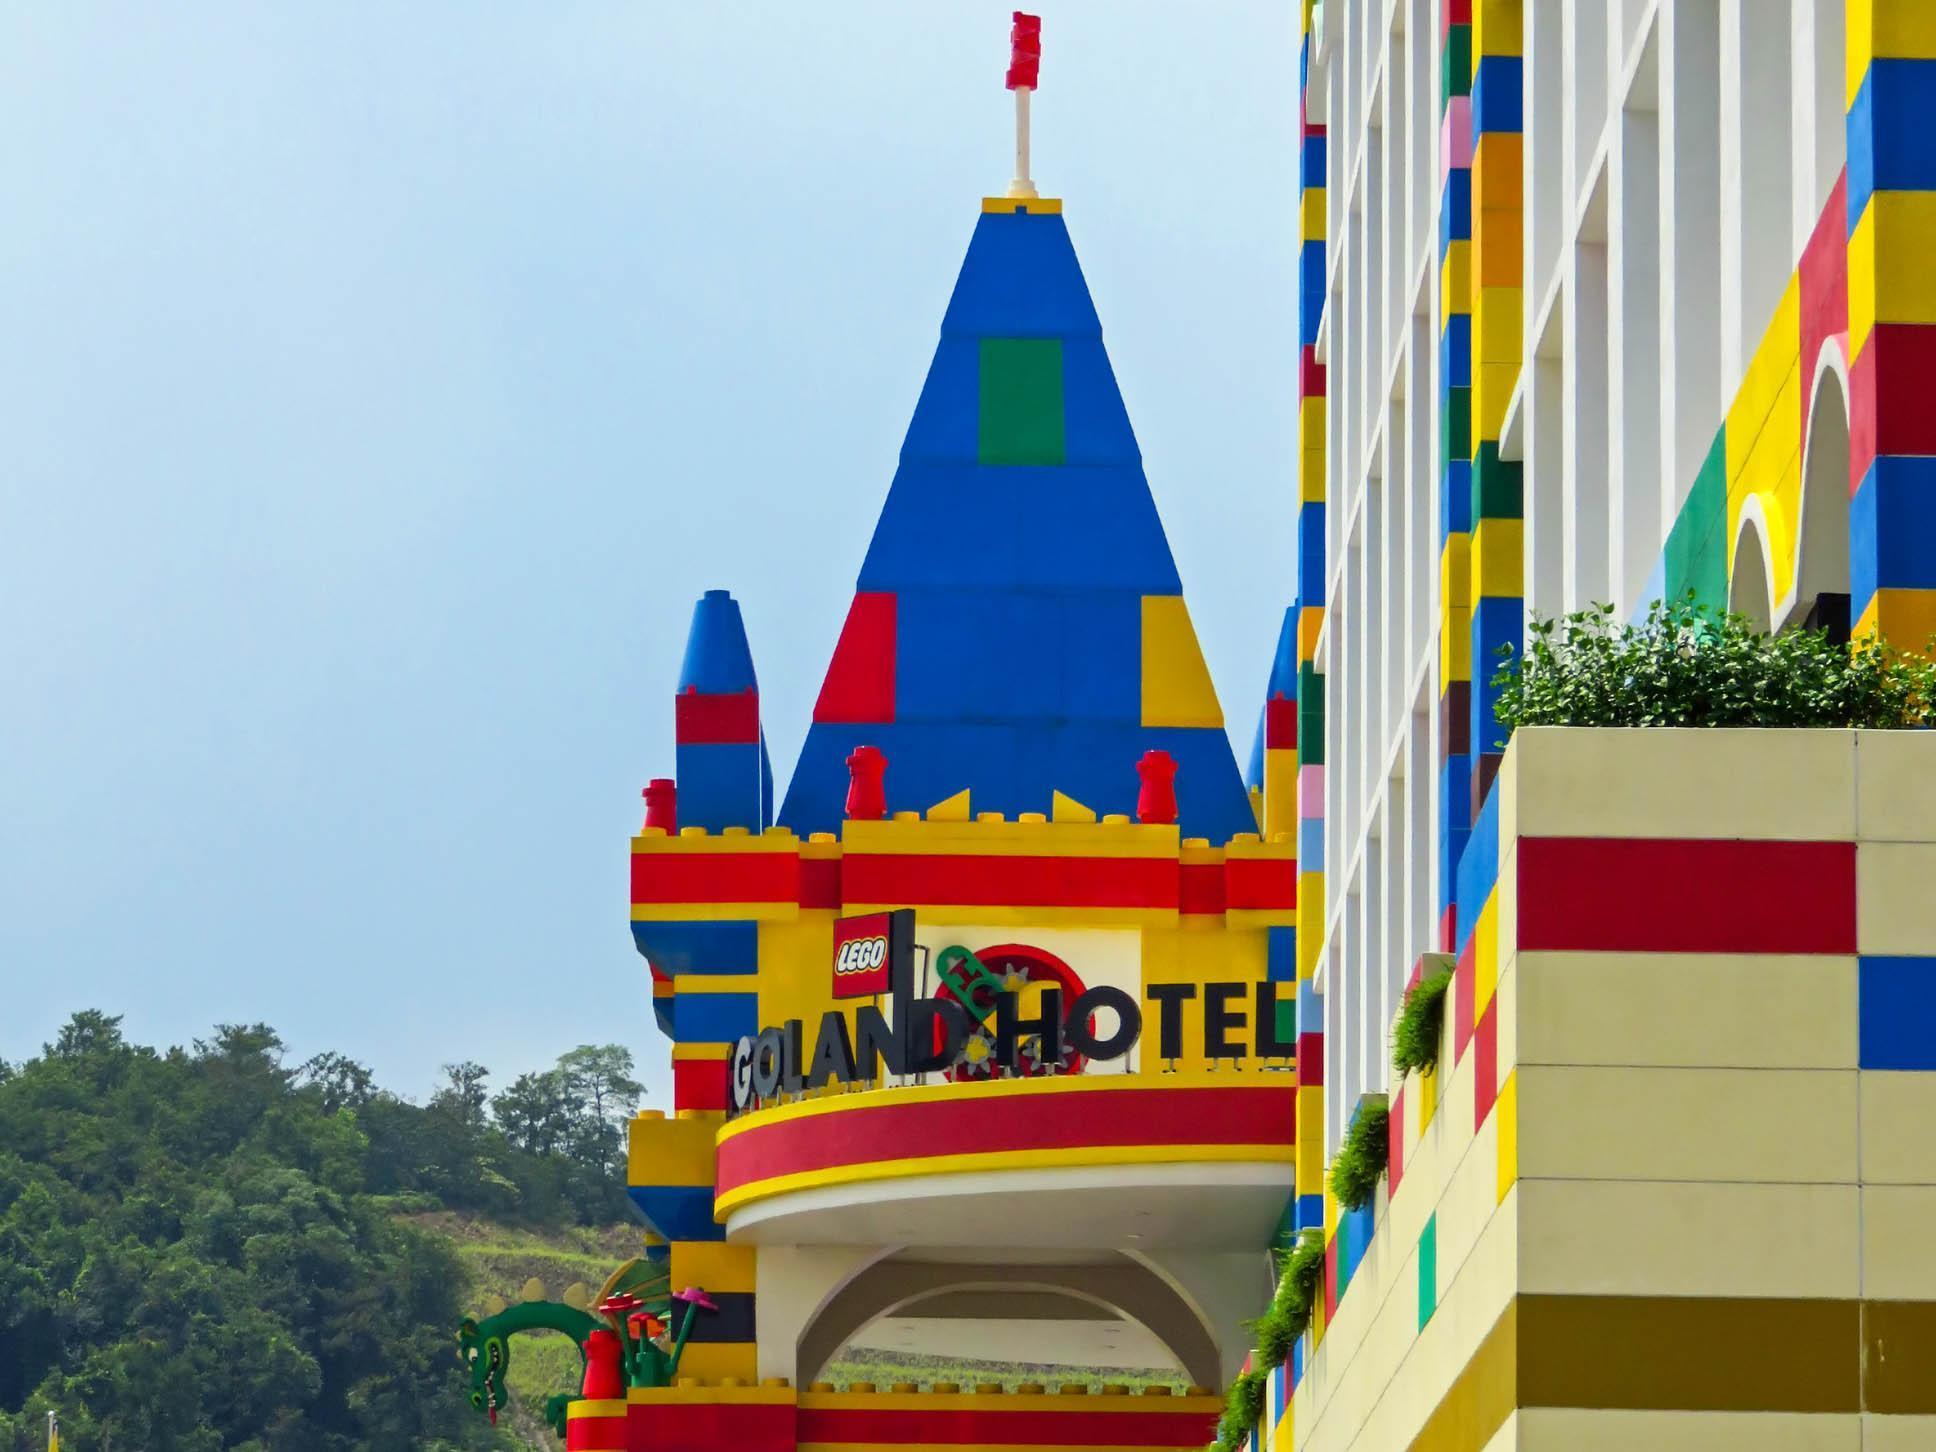 Kitolo K001 Bukit Indah, Iskandar Putri, Johor Bahru, Johor Bahru